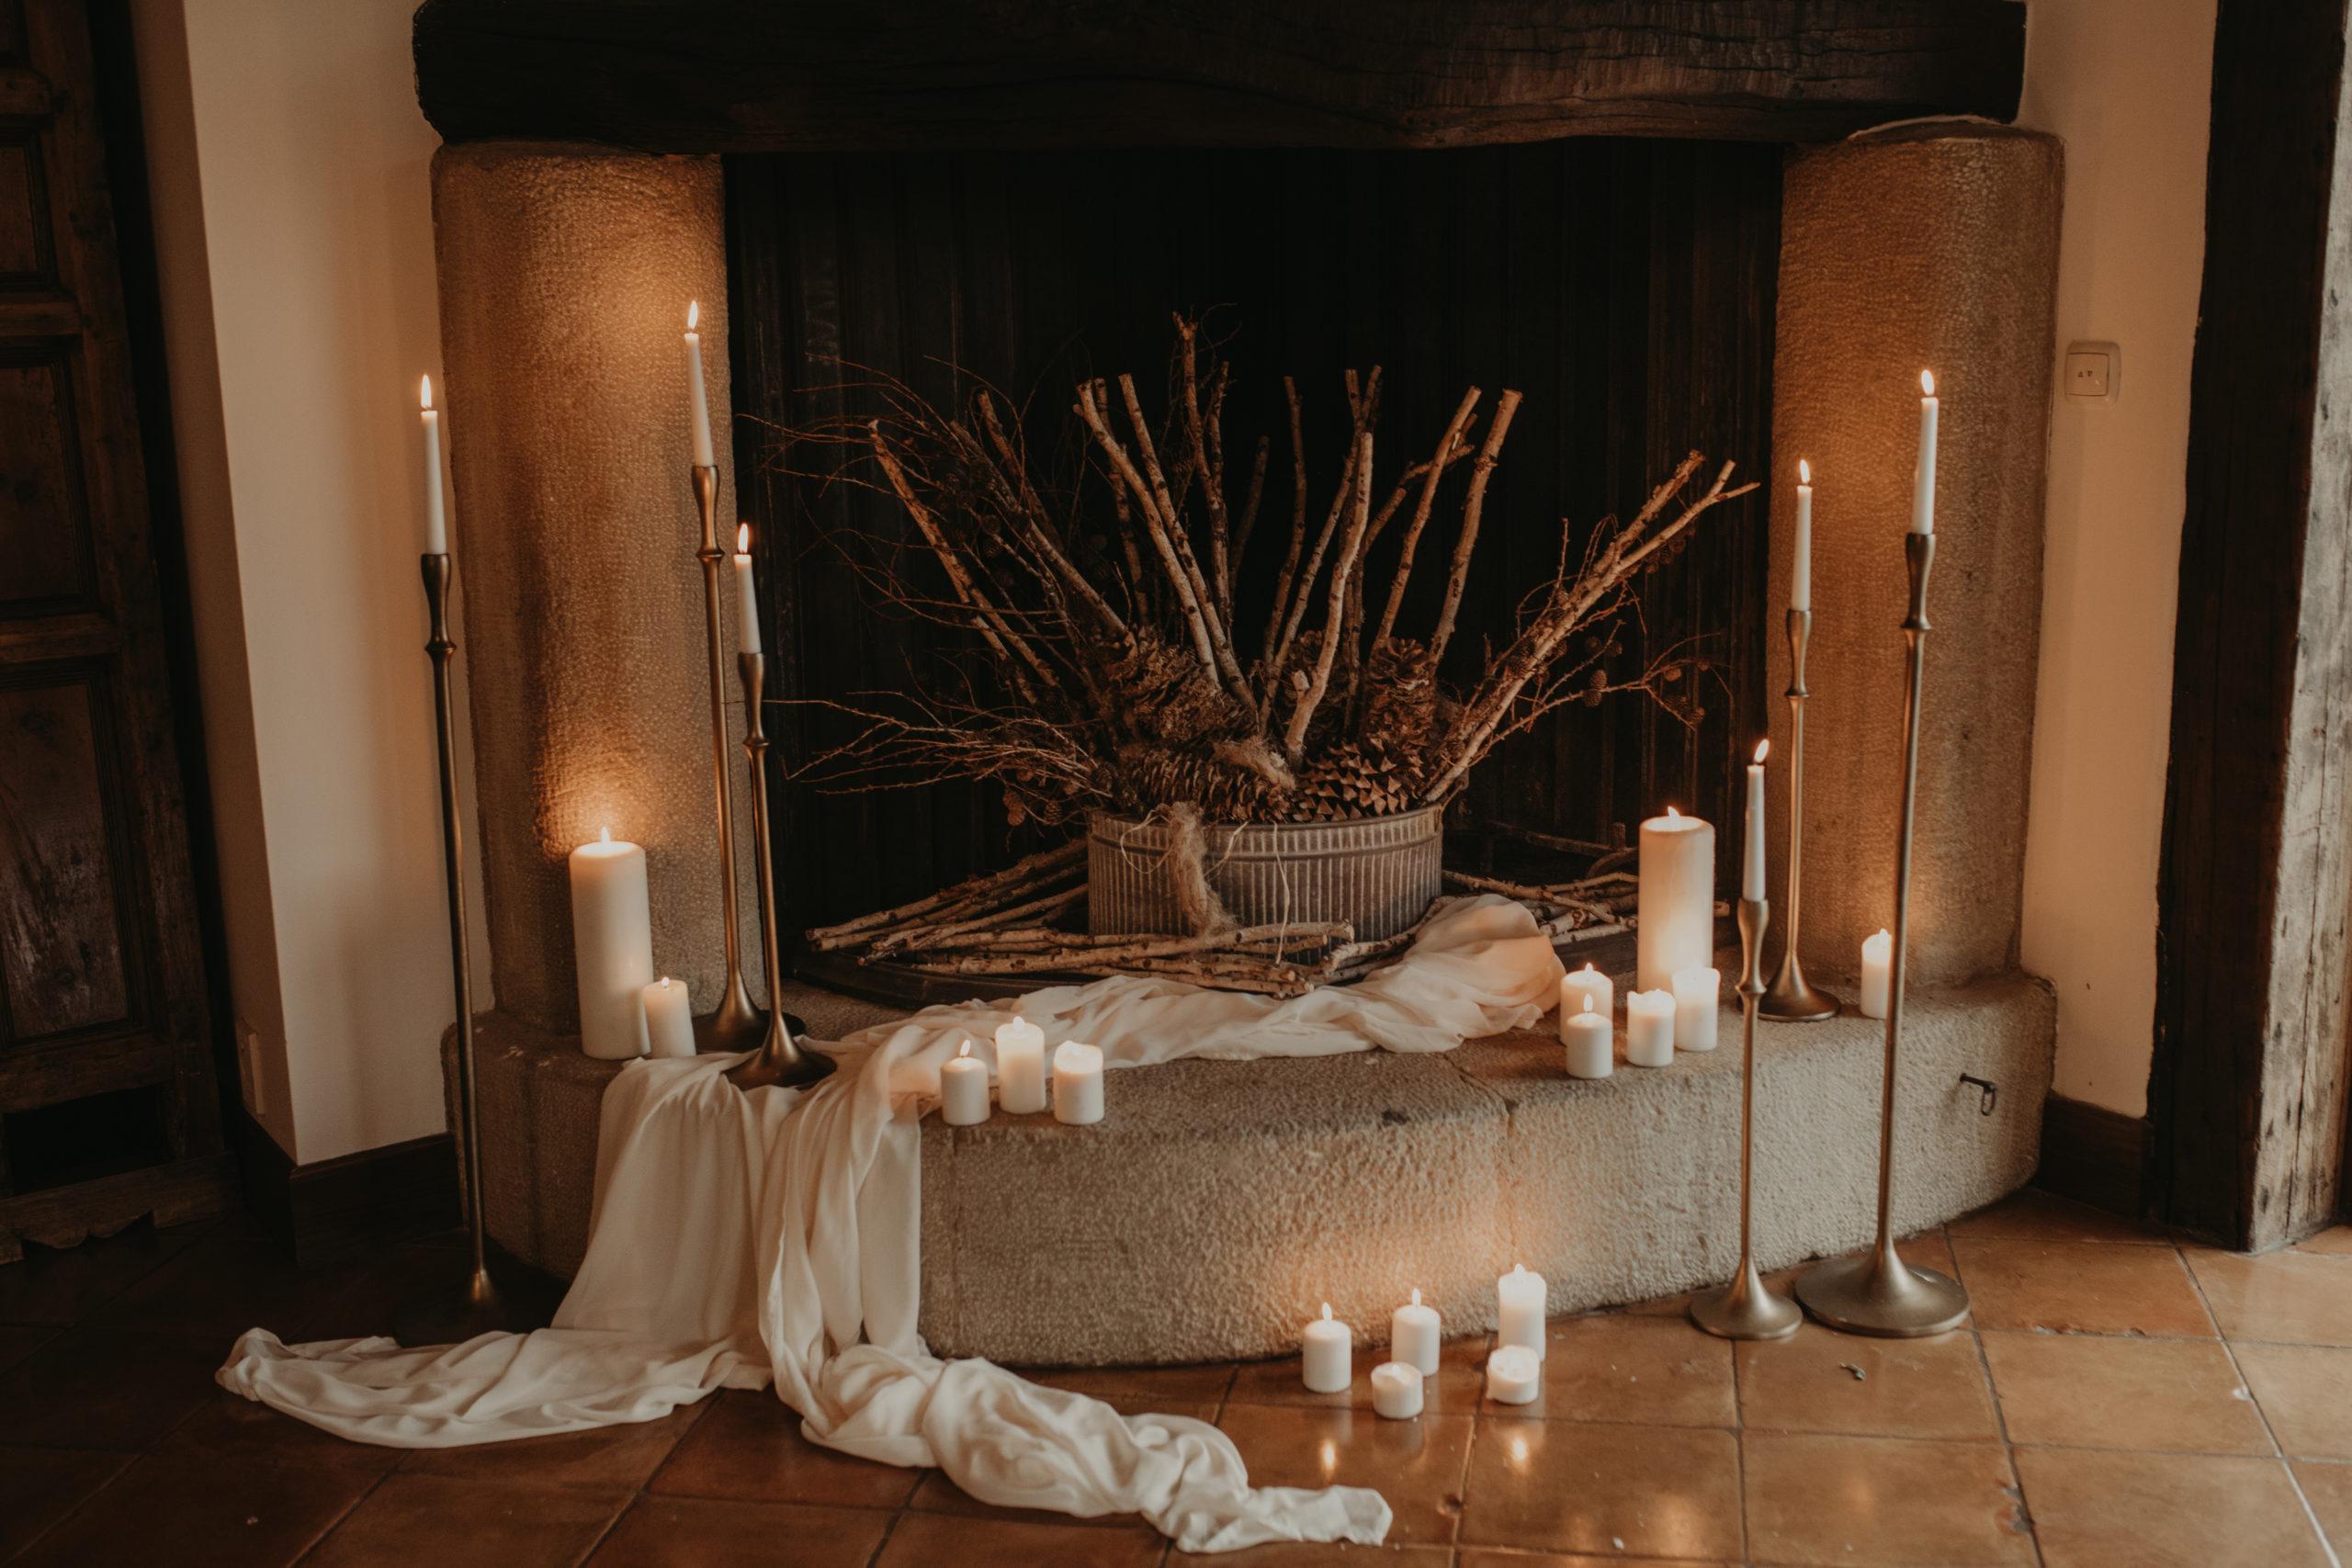 Decoración de chimenea con velas y candelabros